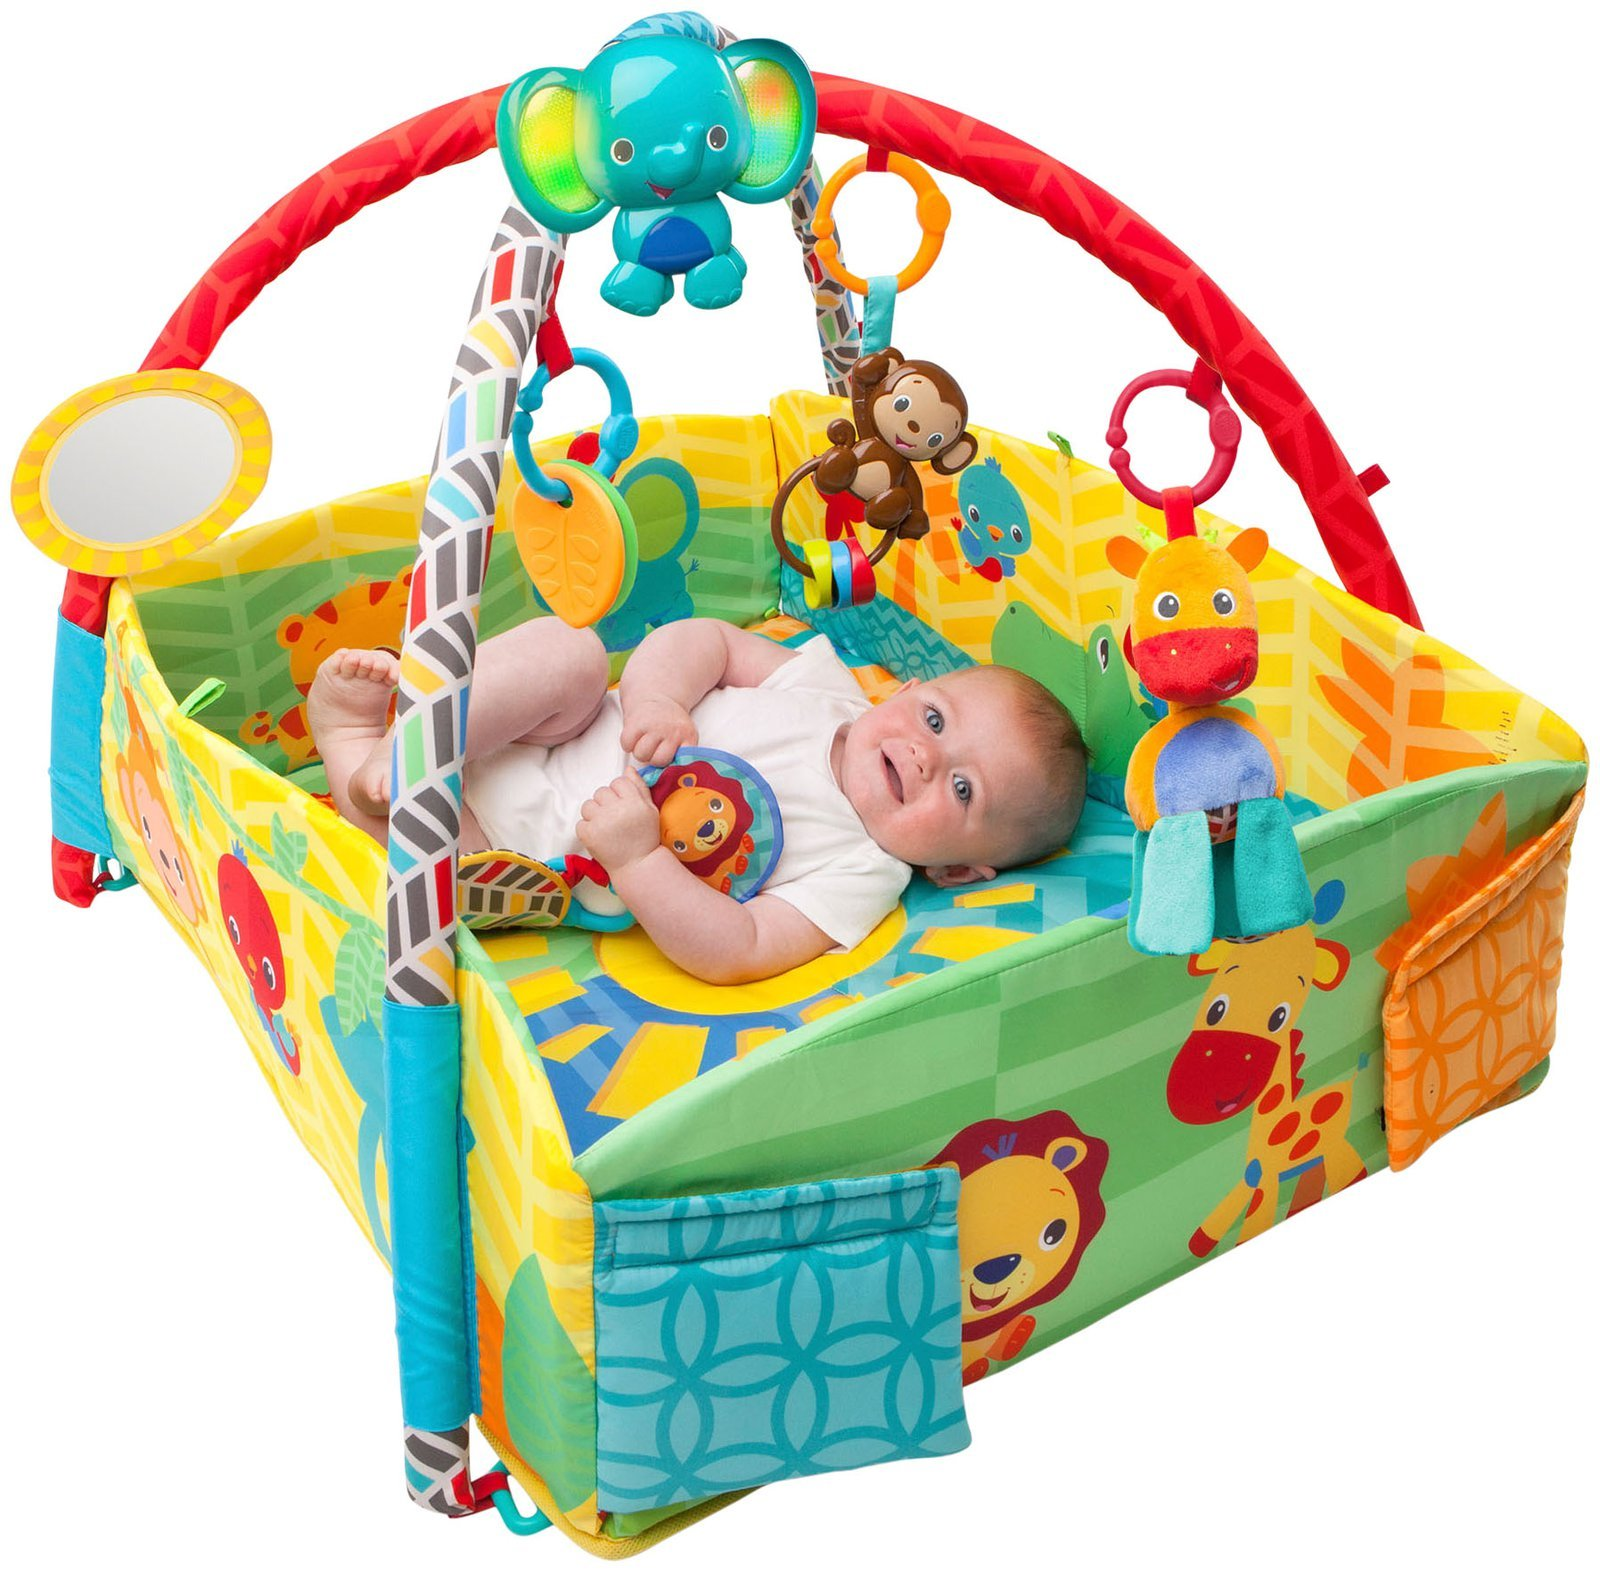 Развивающий детский коврик от полугода